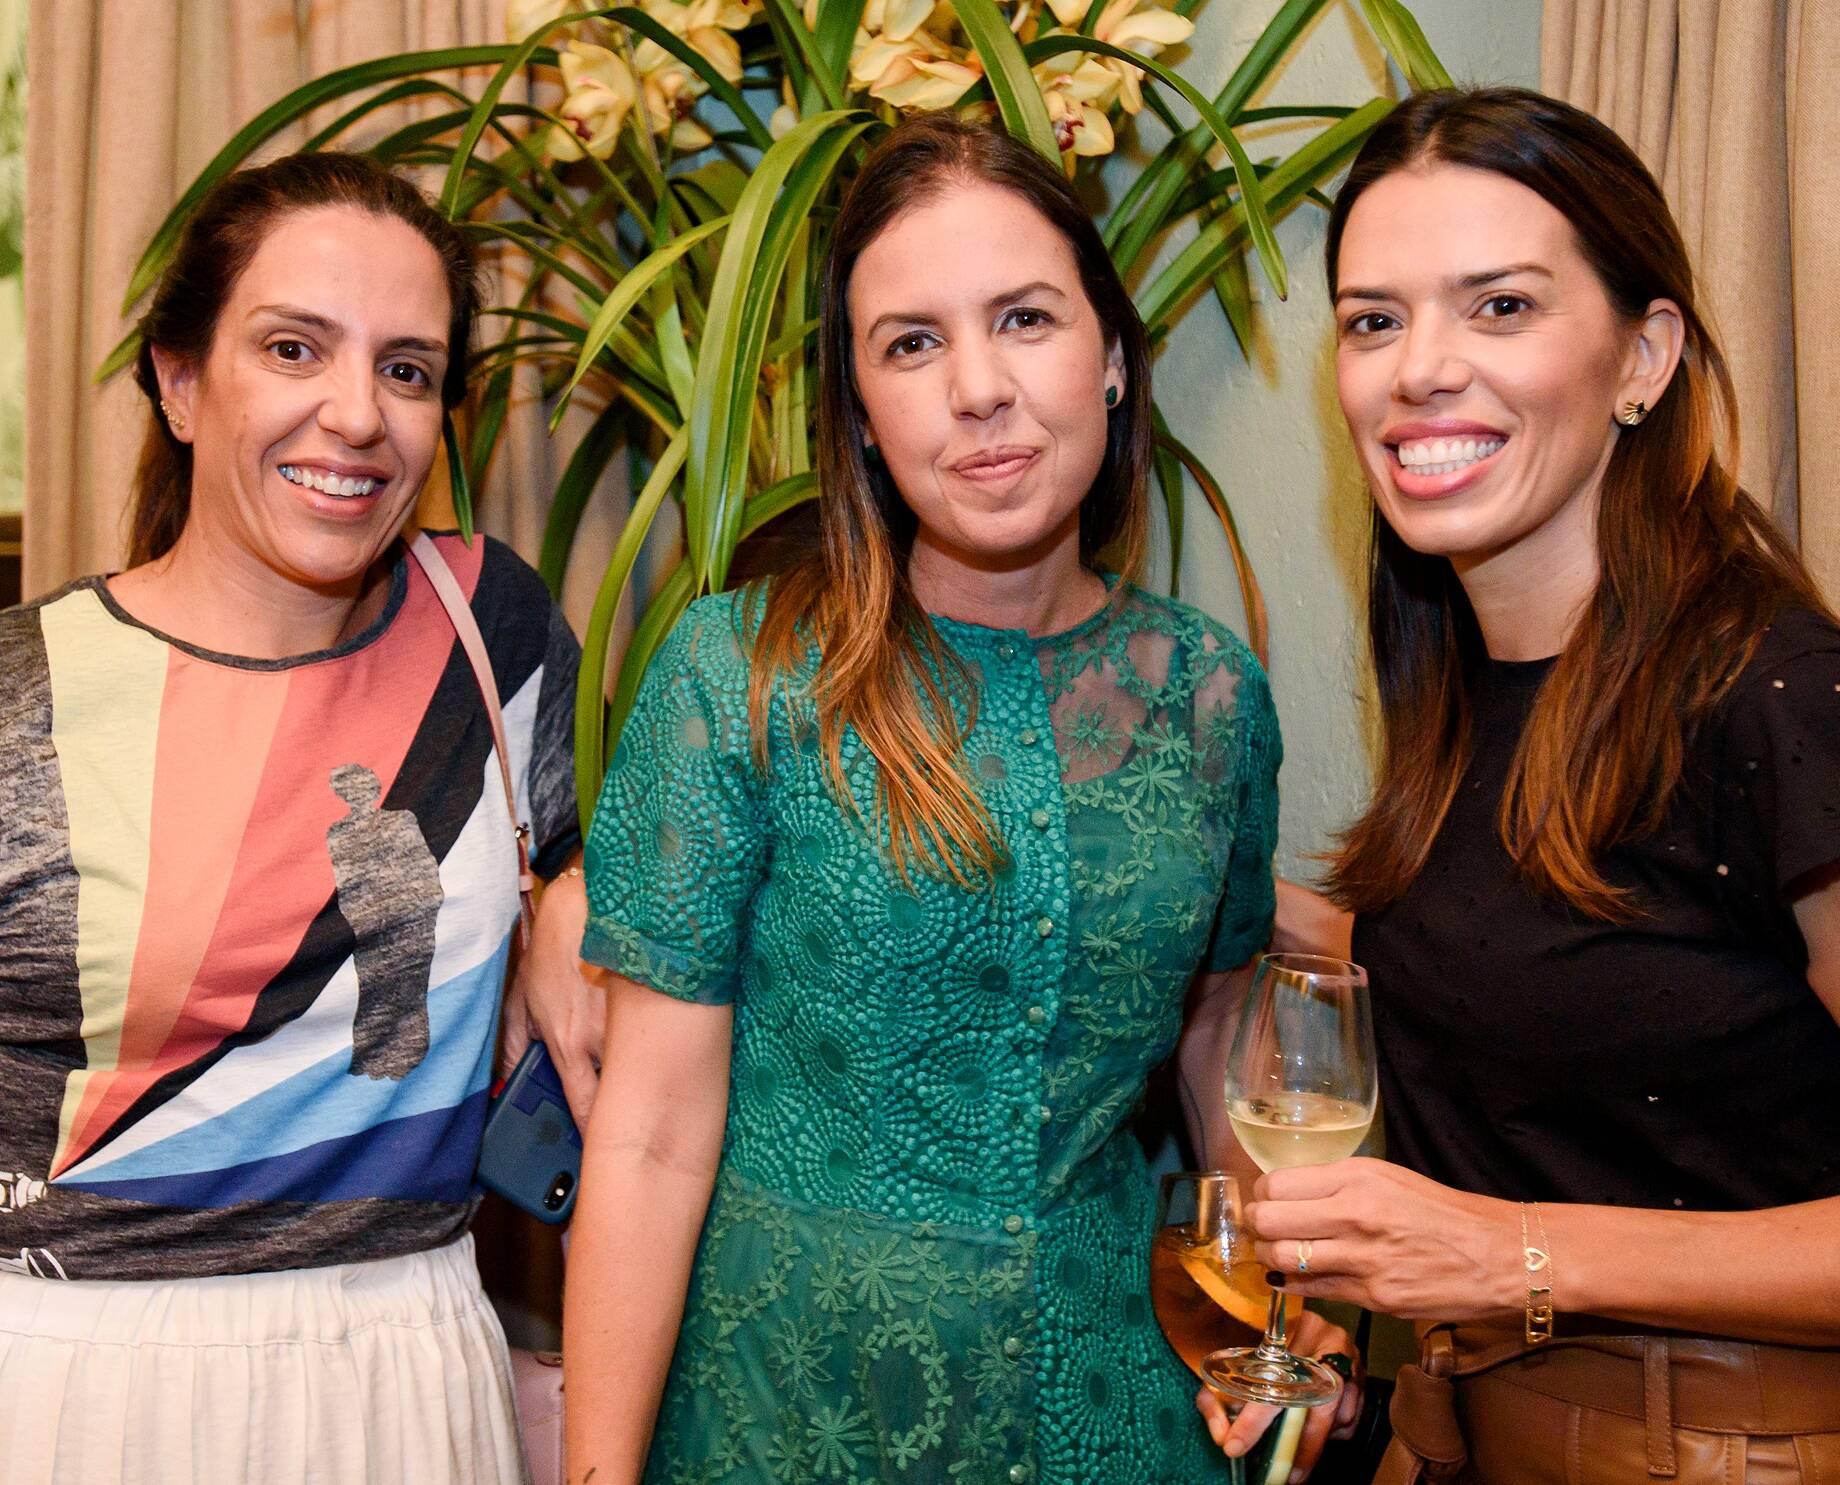 Elisa Tavares, Morena Leite e Gizella Luglio  / Foto: RicaLucas